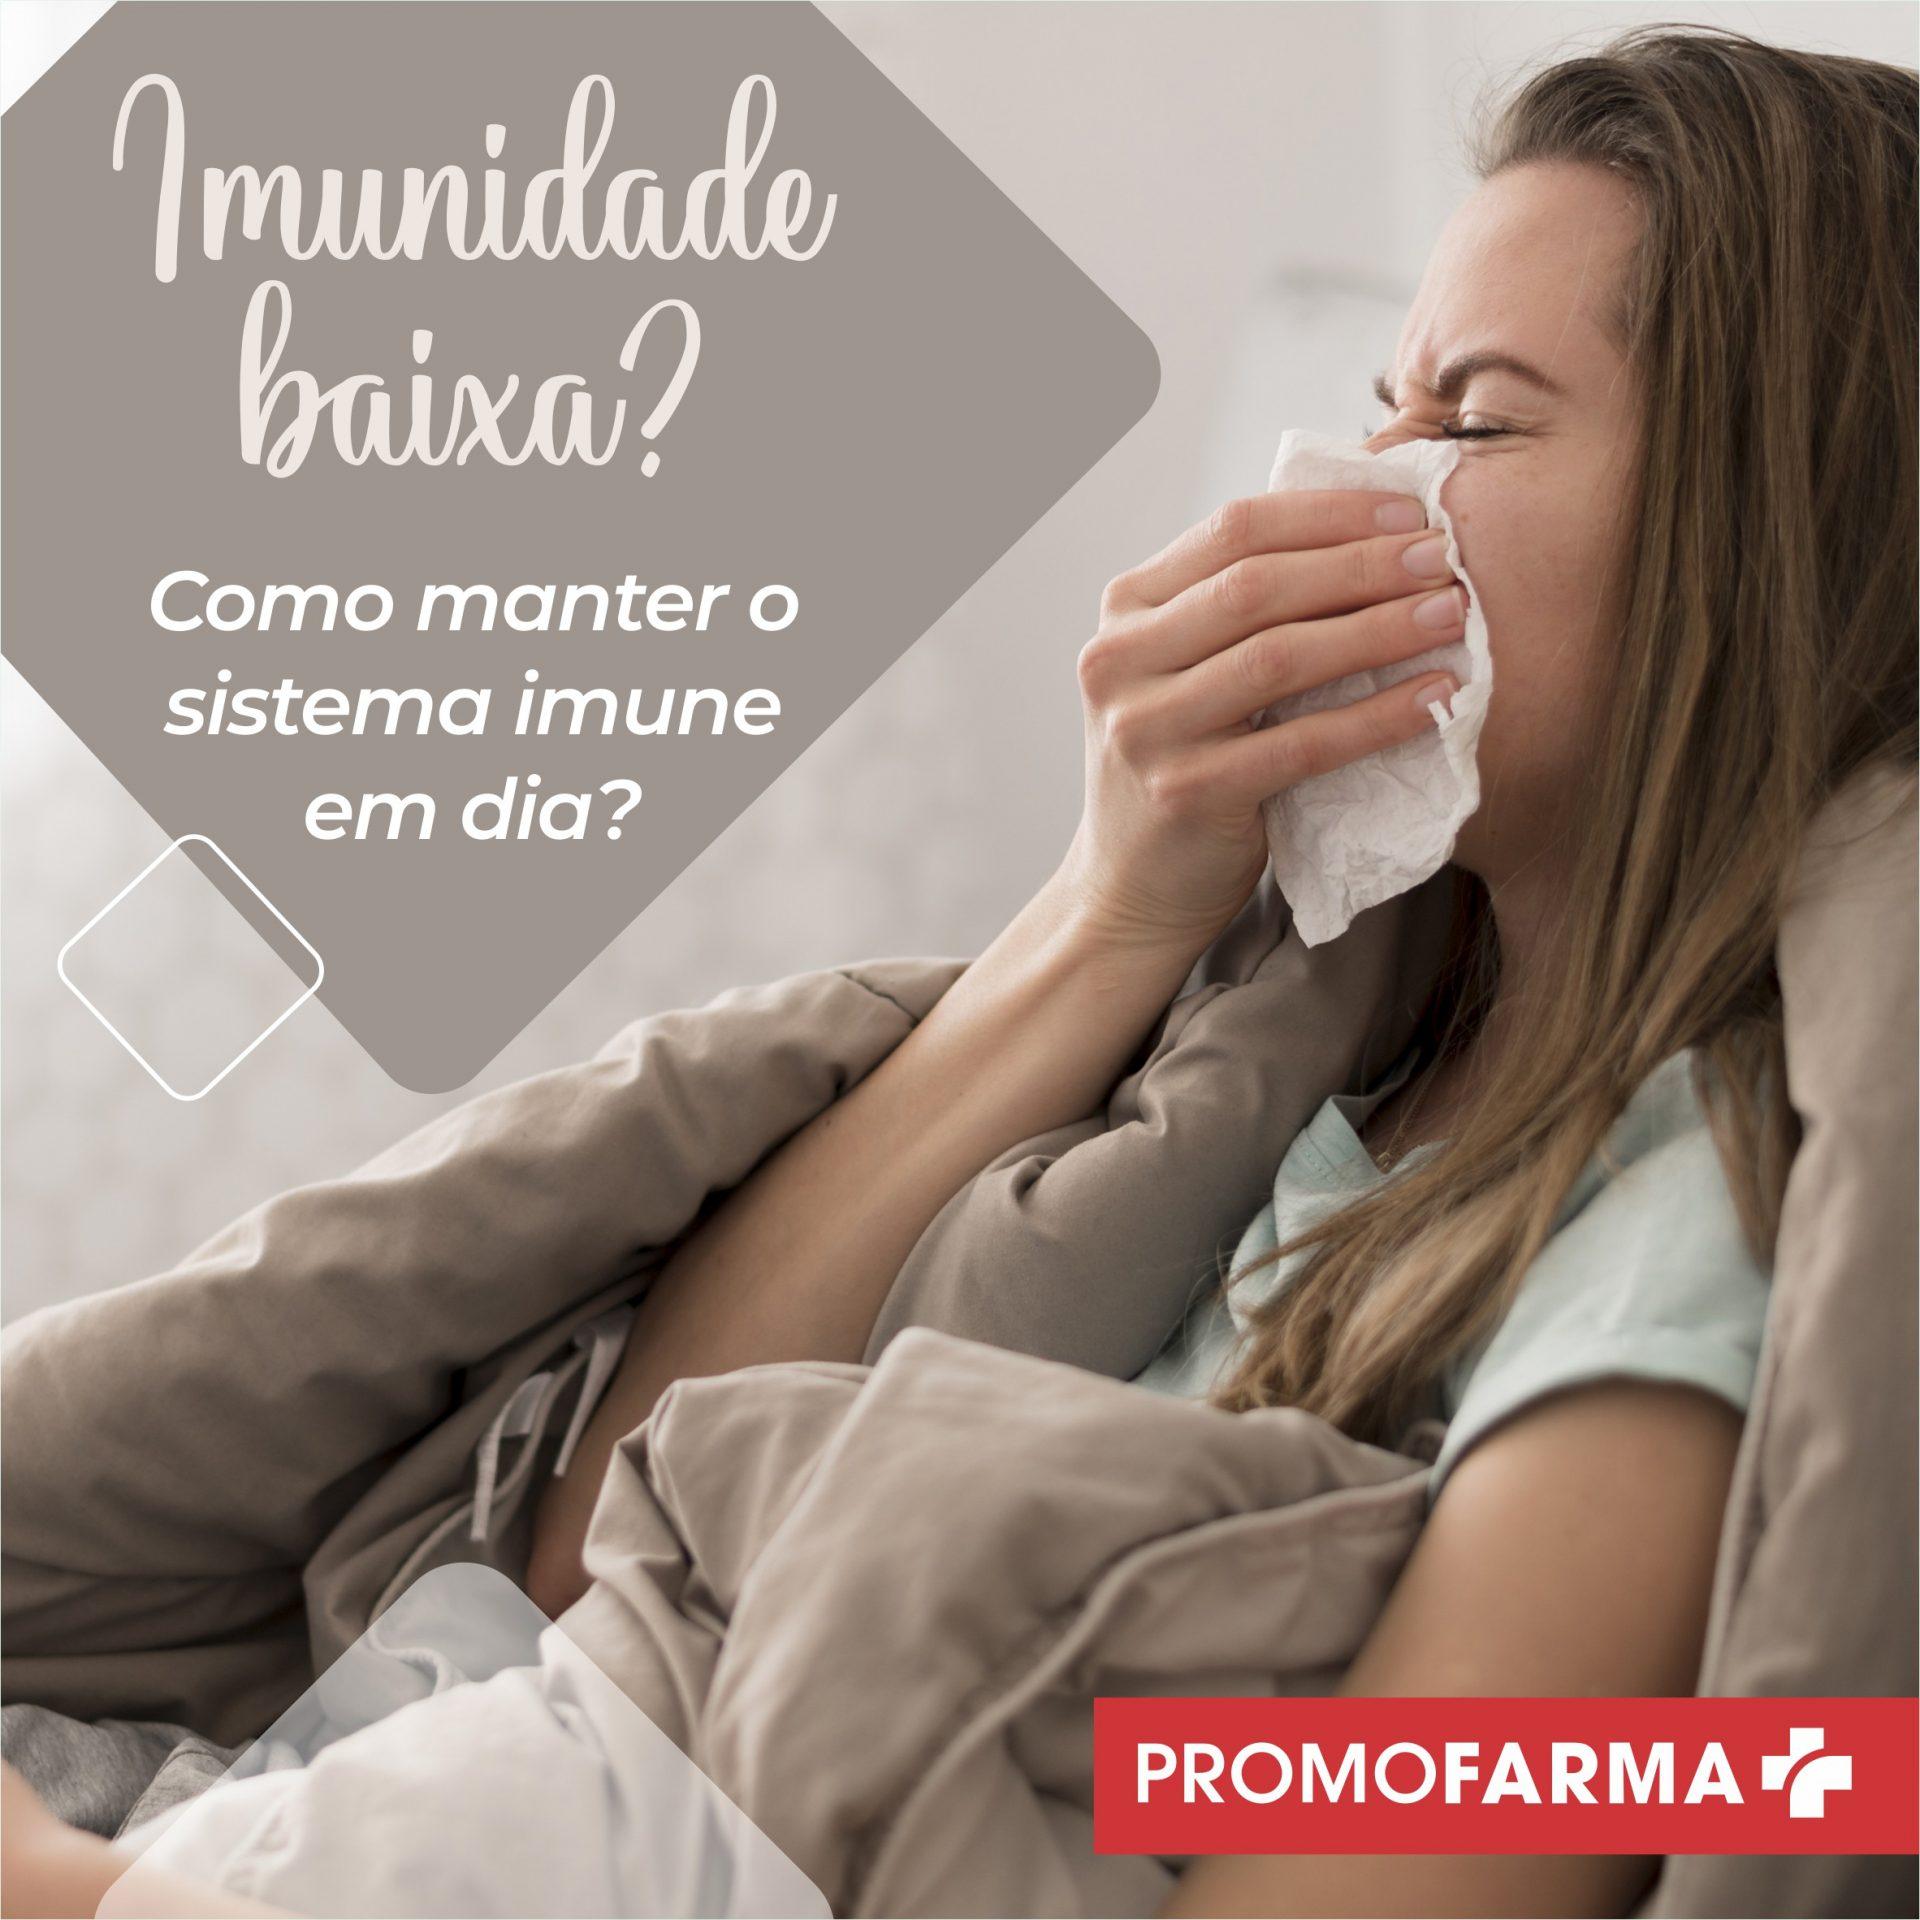 Imunidade baixa: como melhorar o seu sistema imunológico?